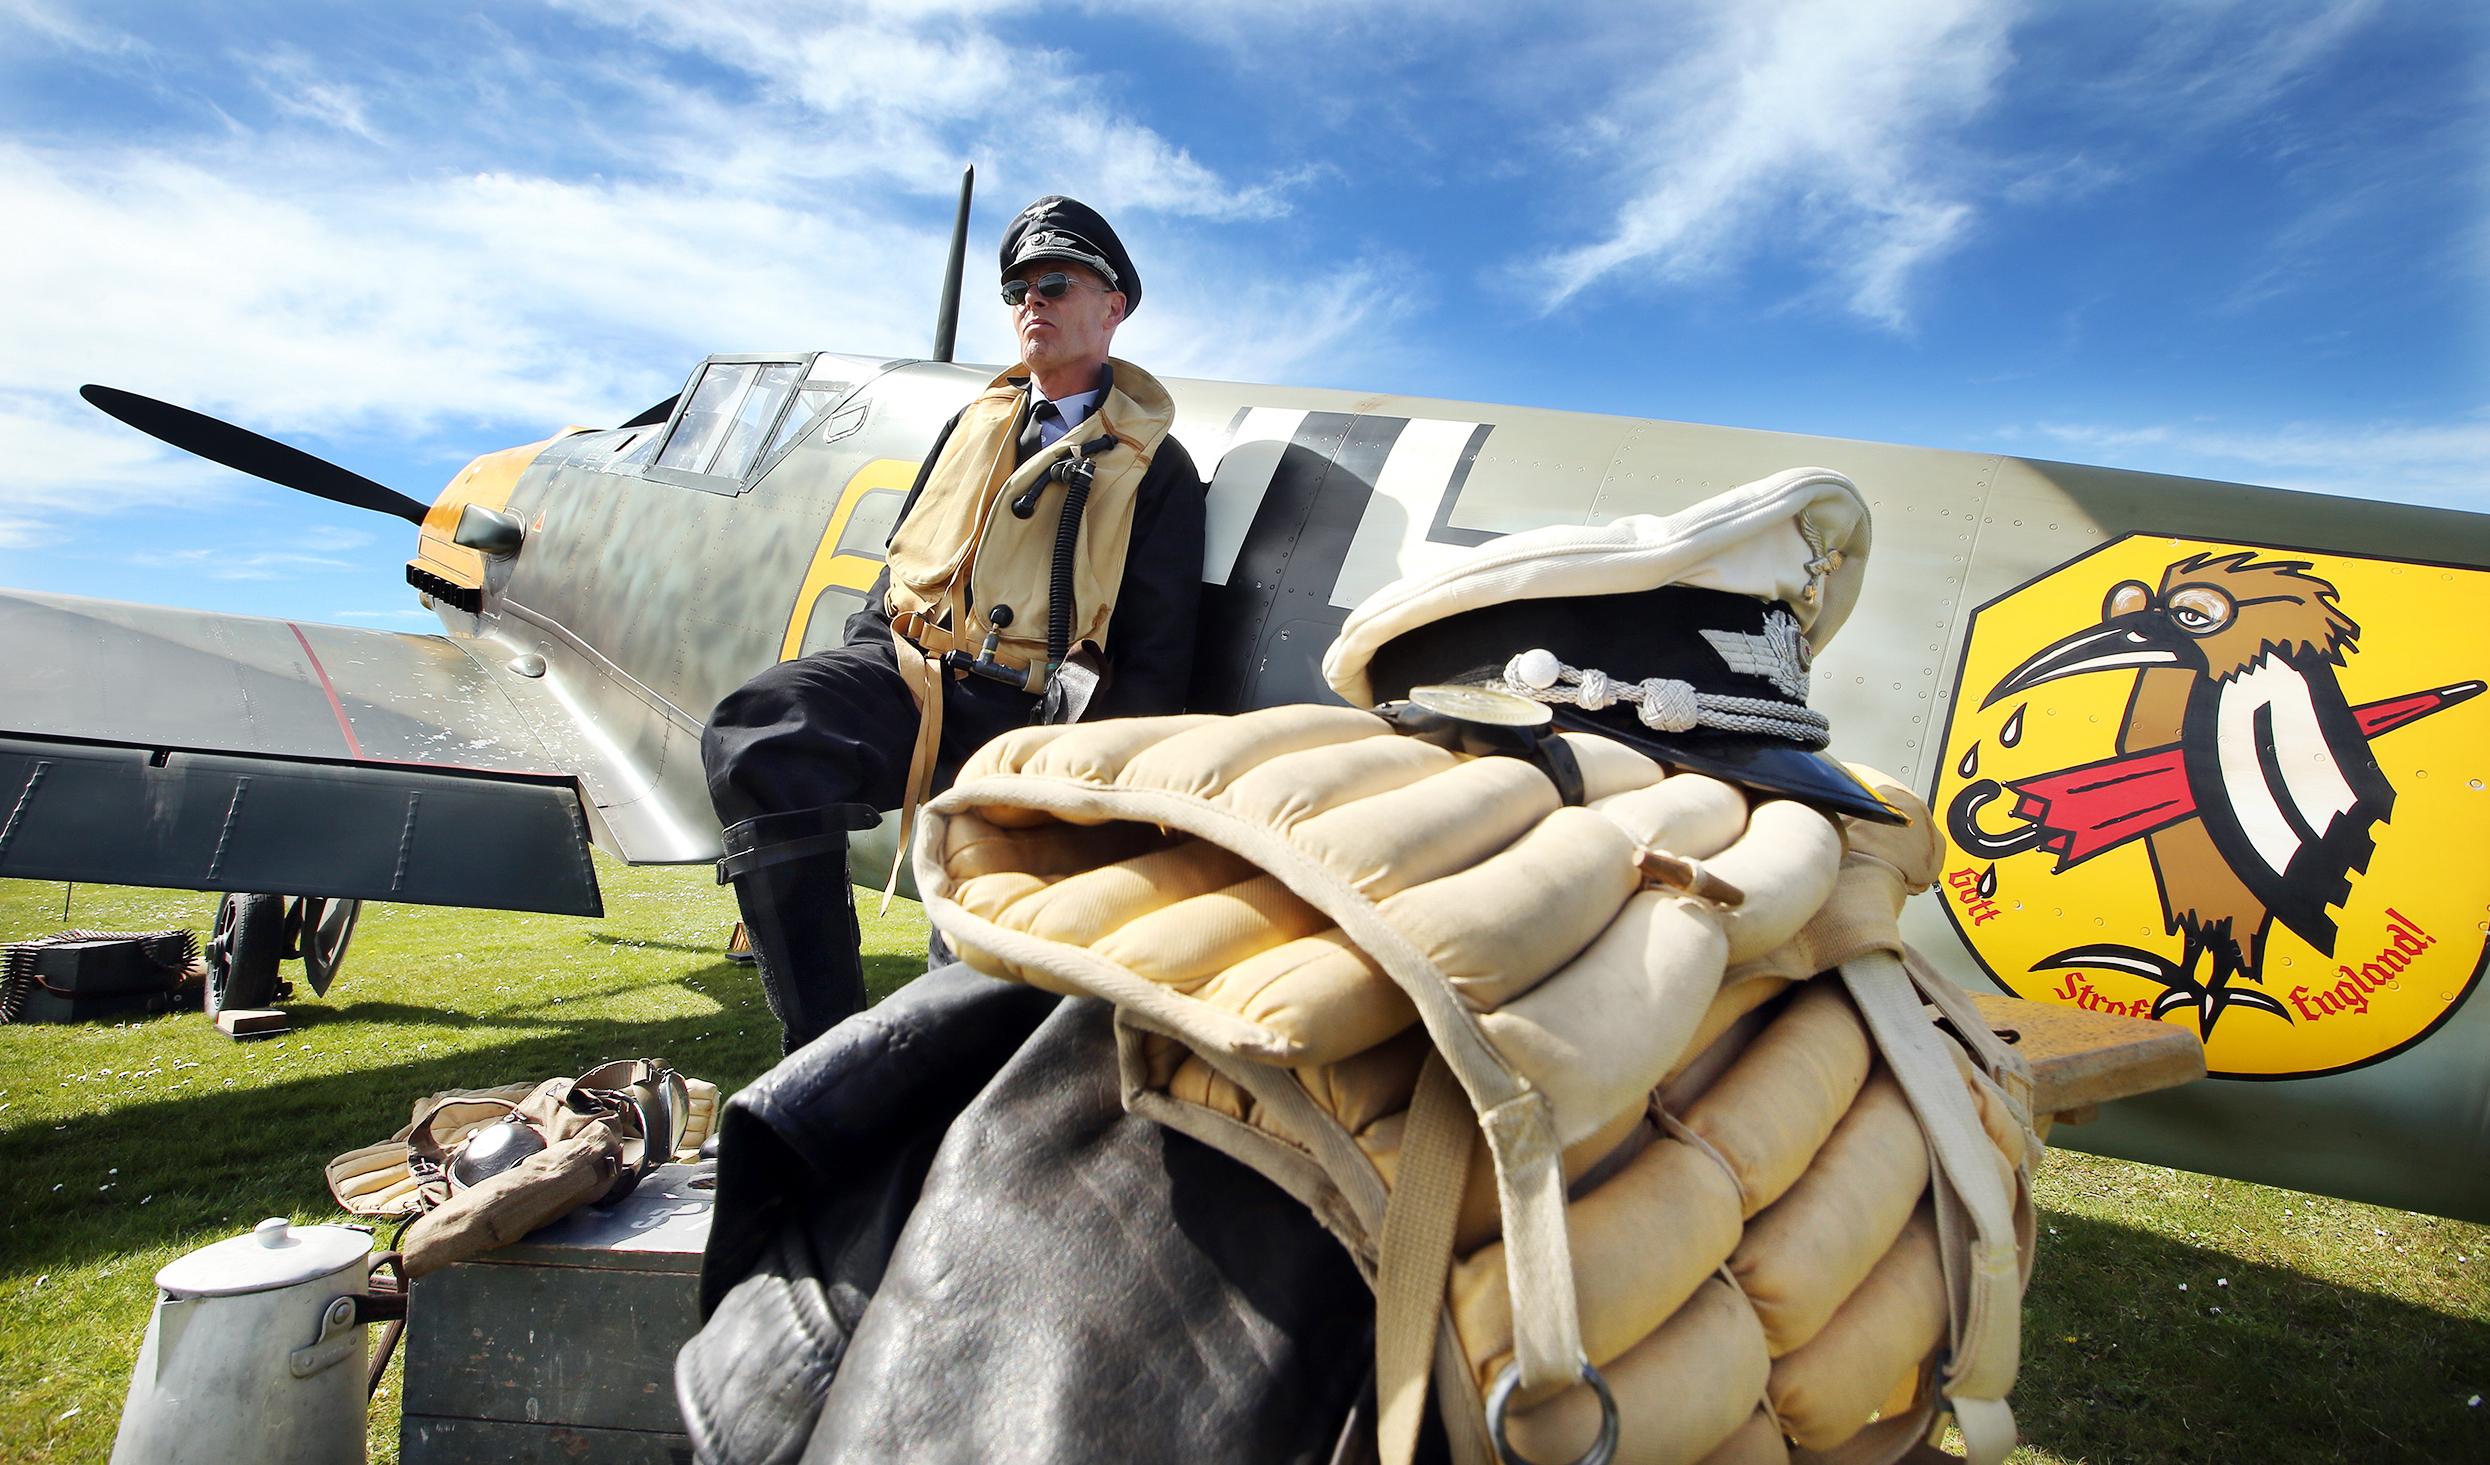 A moment of reflection for German Messerschmitt pilot Steve Heappey.